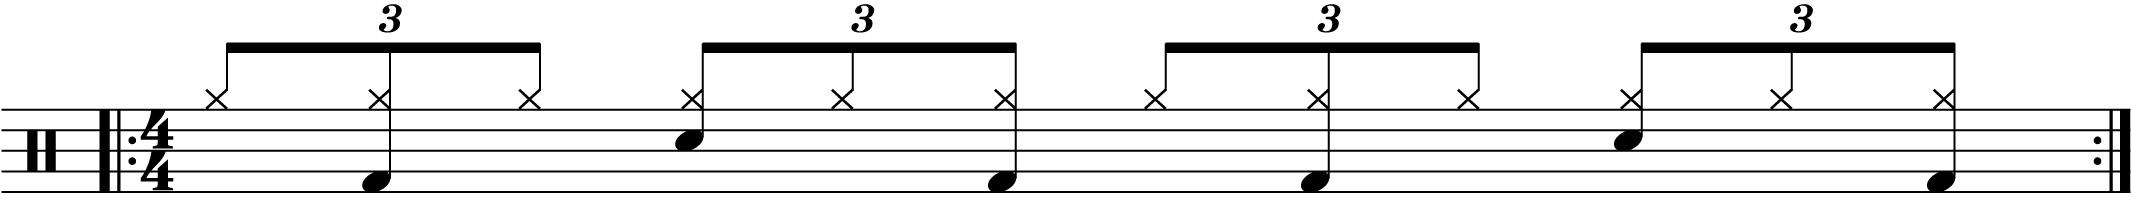 Örn3-1